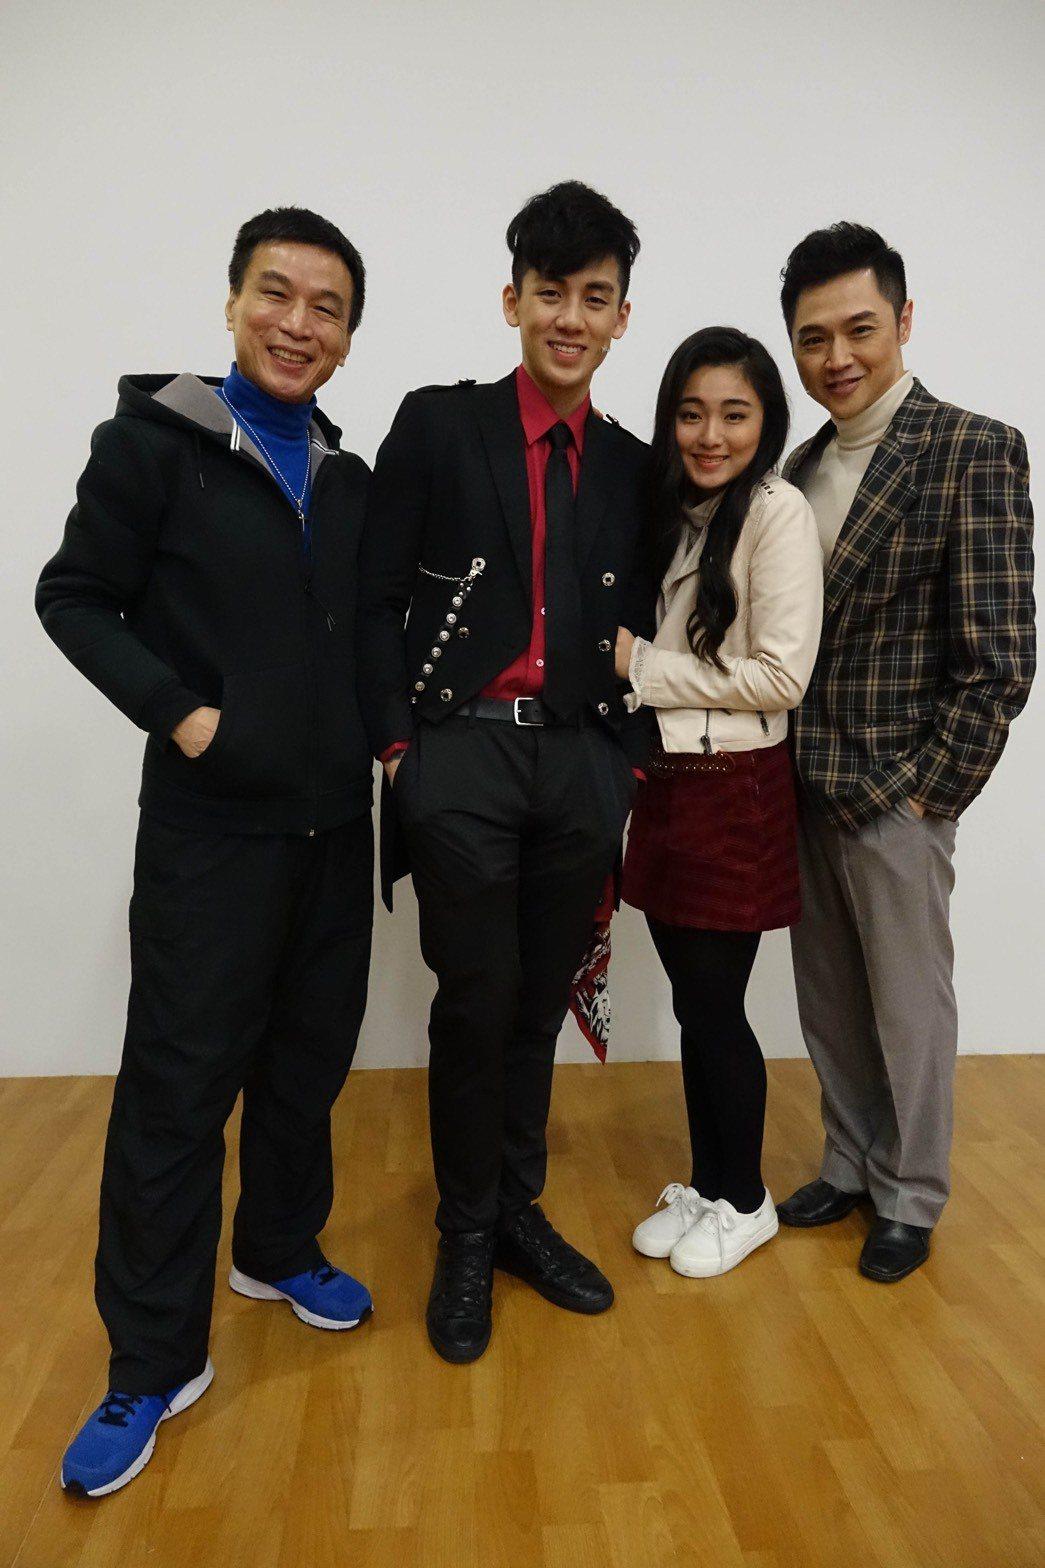 李天柱(左起)、寶弟葛兆恩、童玉諼、宋達民演出舞台劇「回家」。圖/回家劇組提供